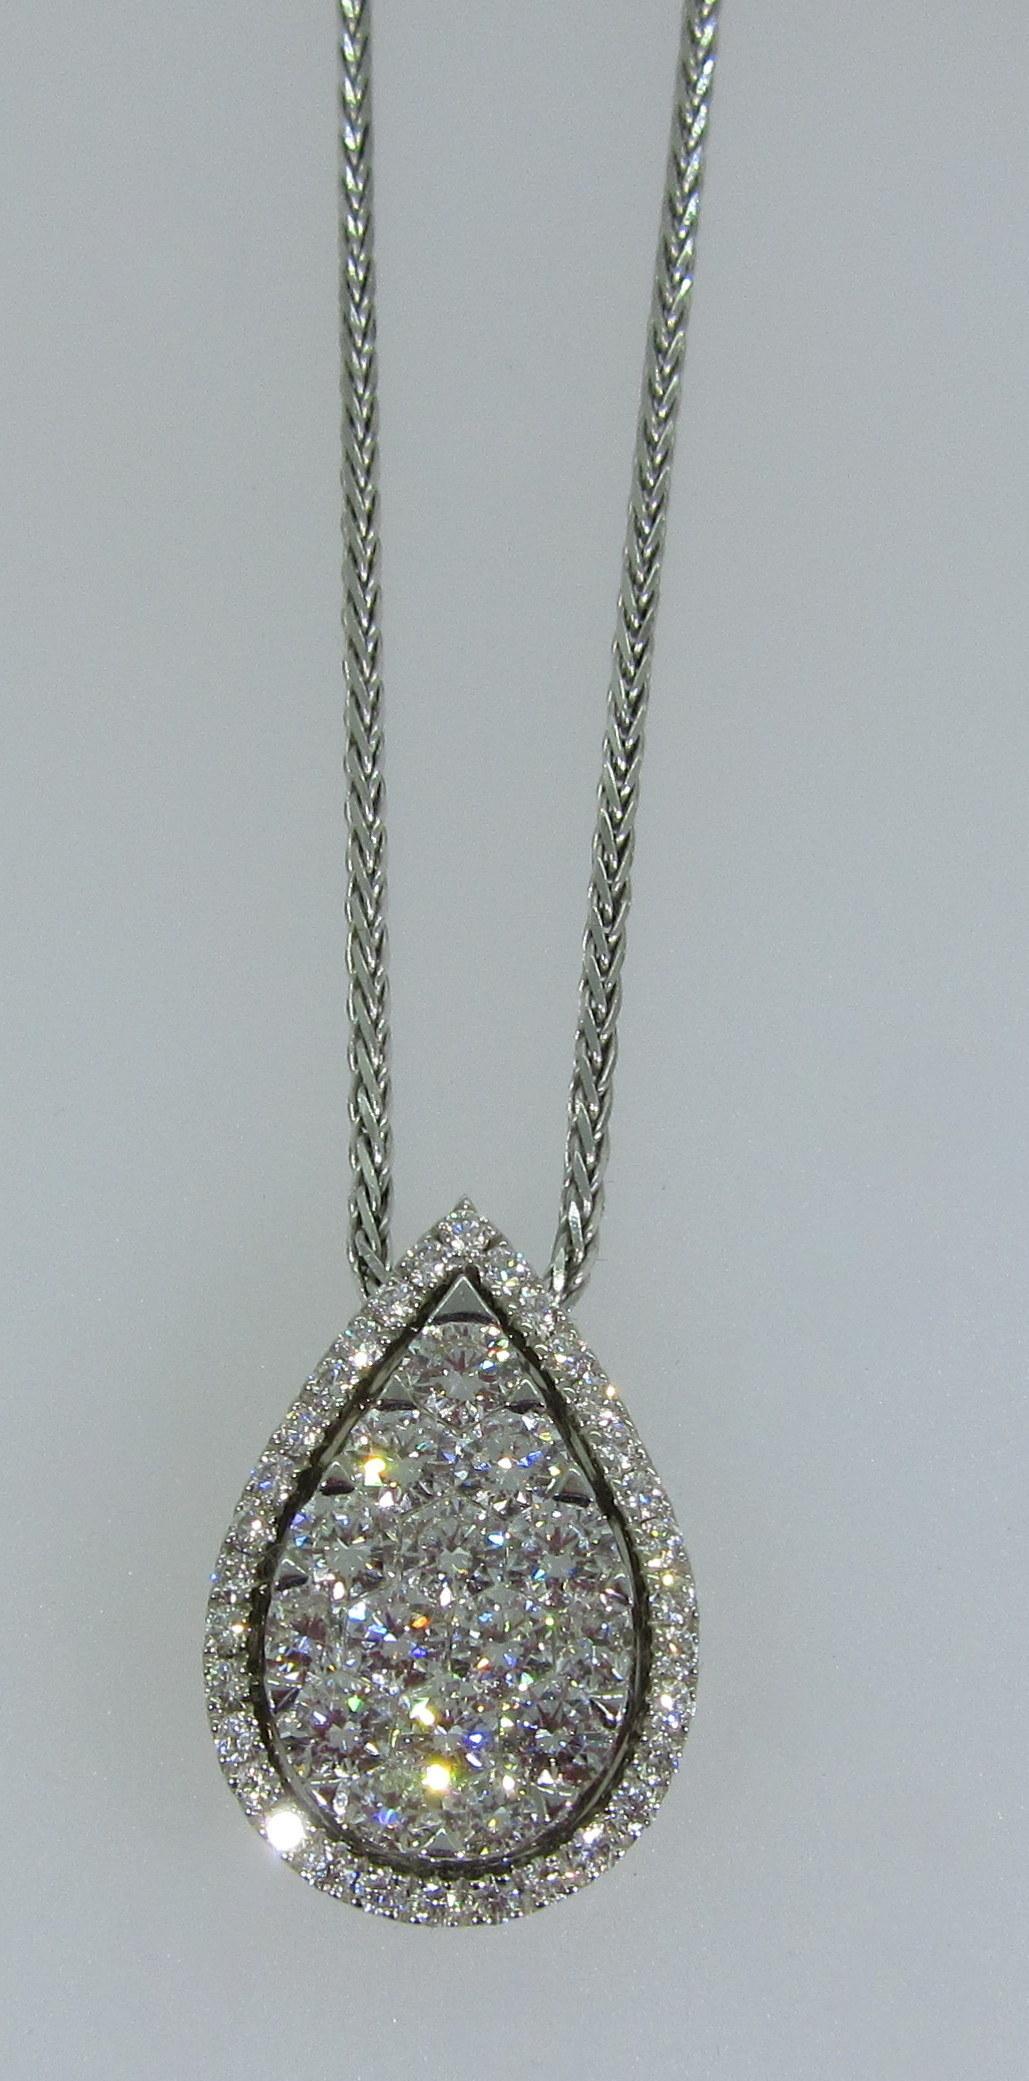 Pearshape Diamond Pendant